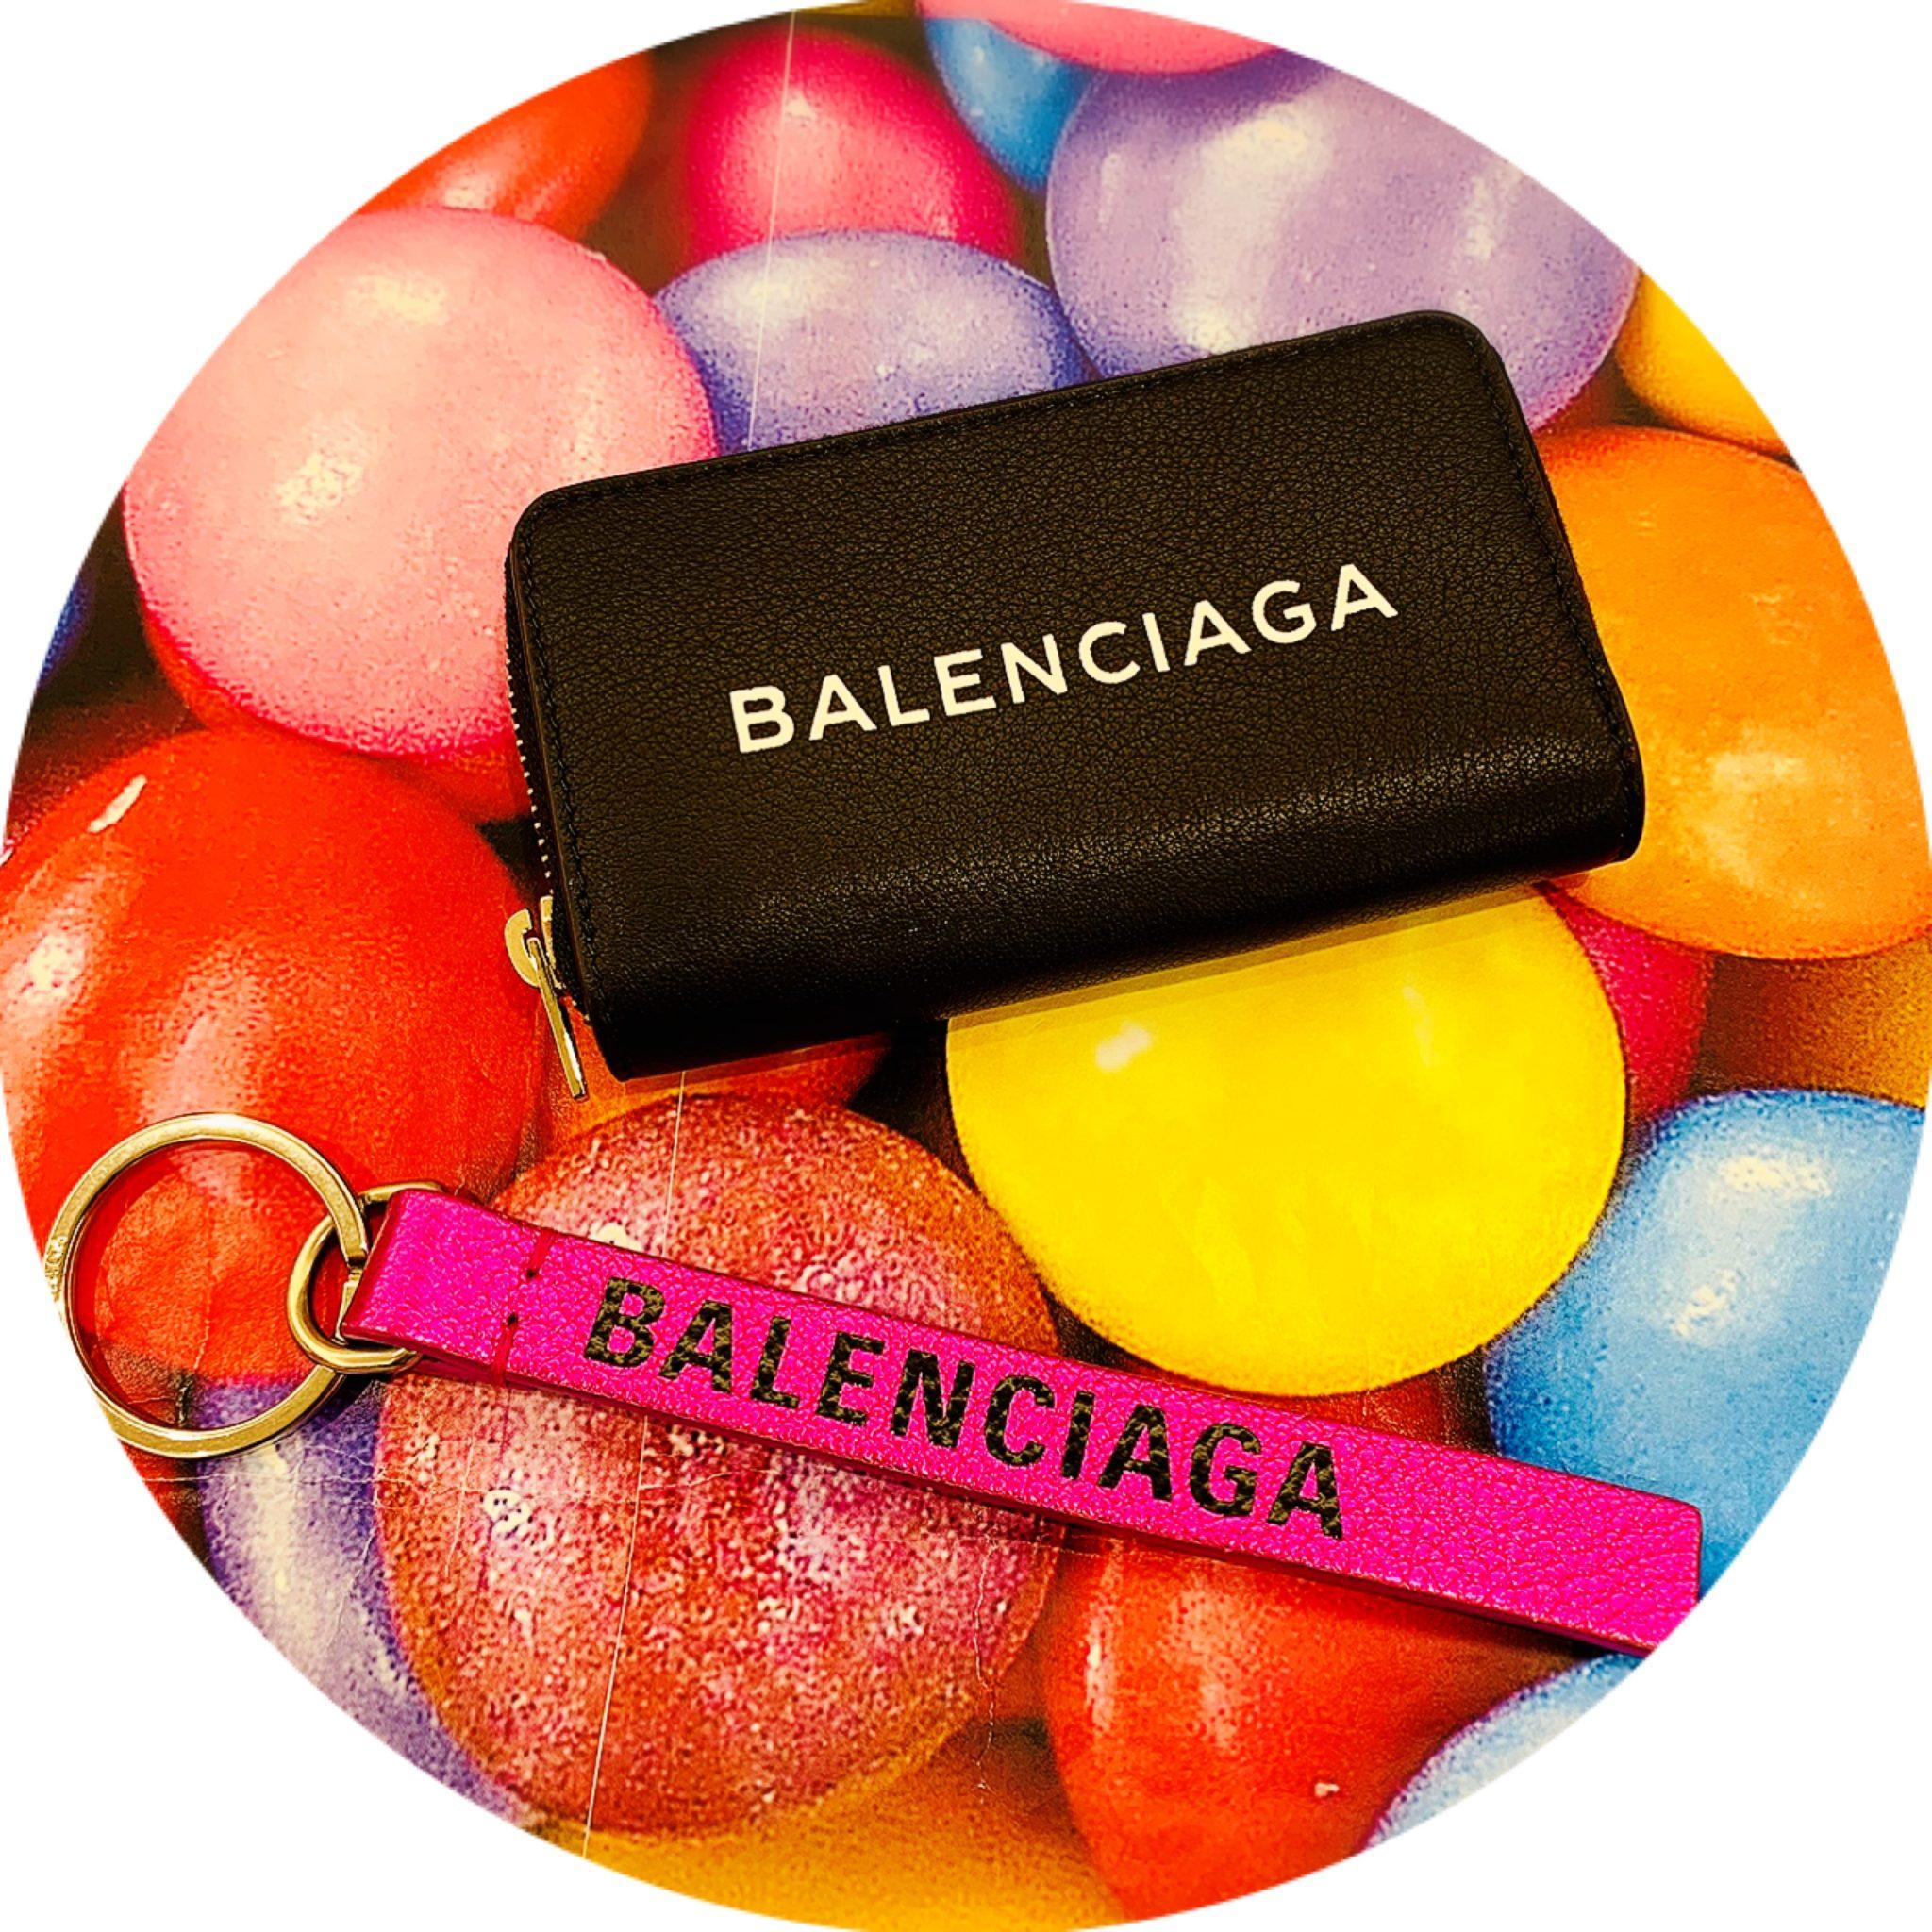 【バレンシアガ 販売 盛岡】プレゼントにも♡ロゴ入りでオシャレ BALENCIAGA バレンシアガ エブリデイライン